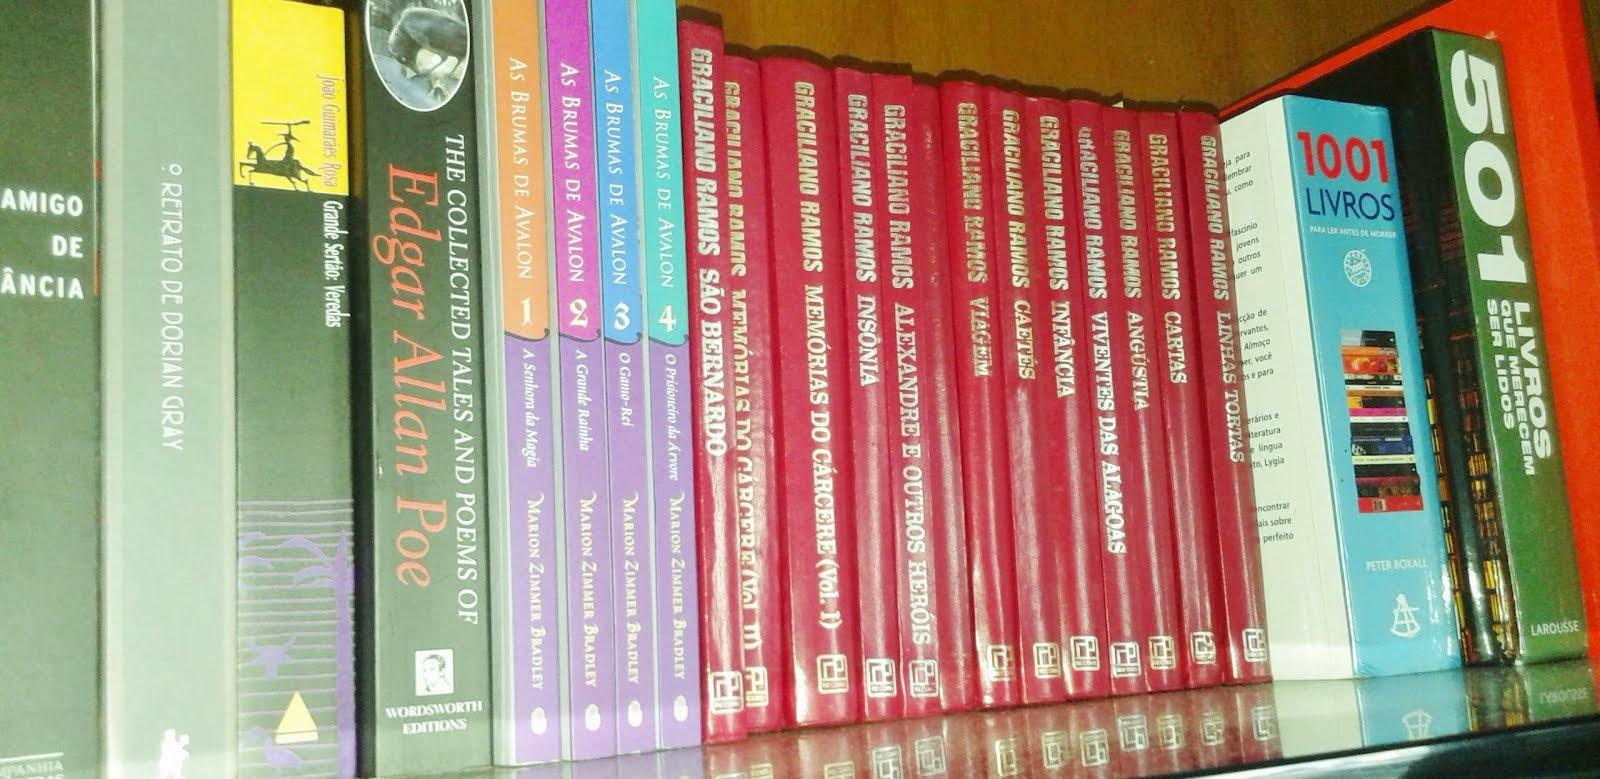 Eles: os livros..